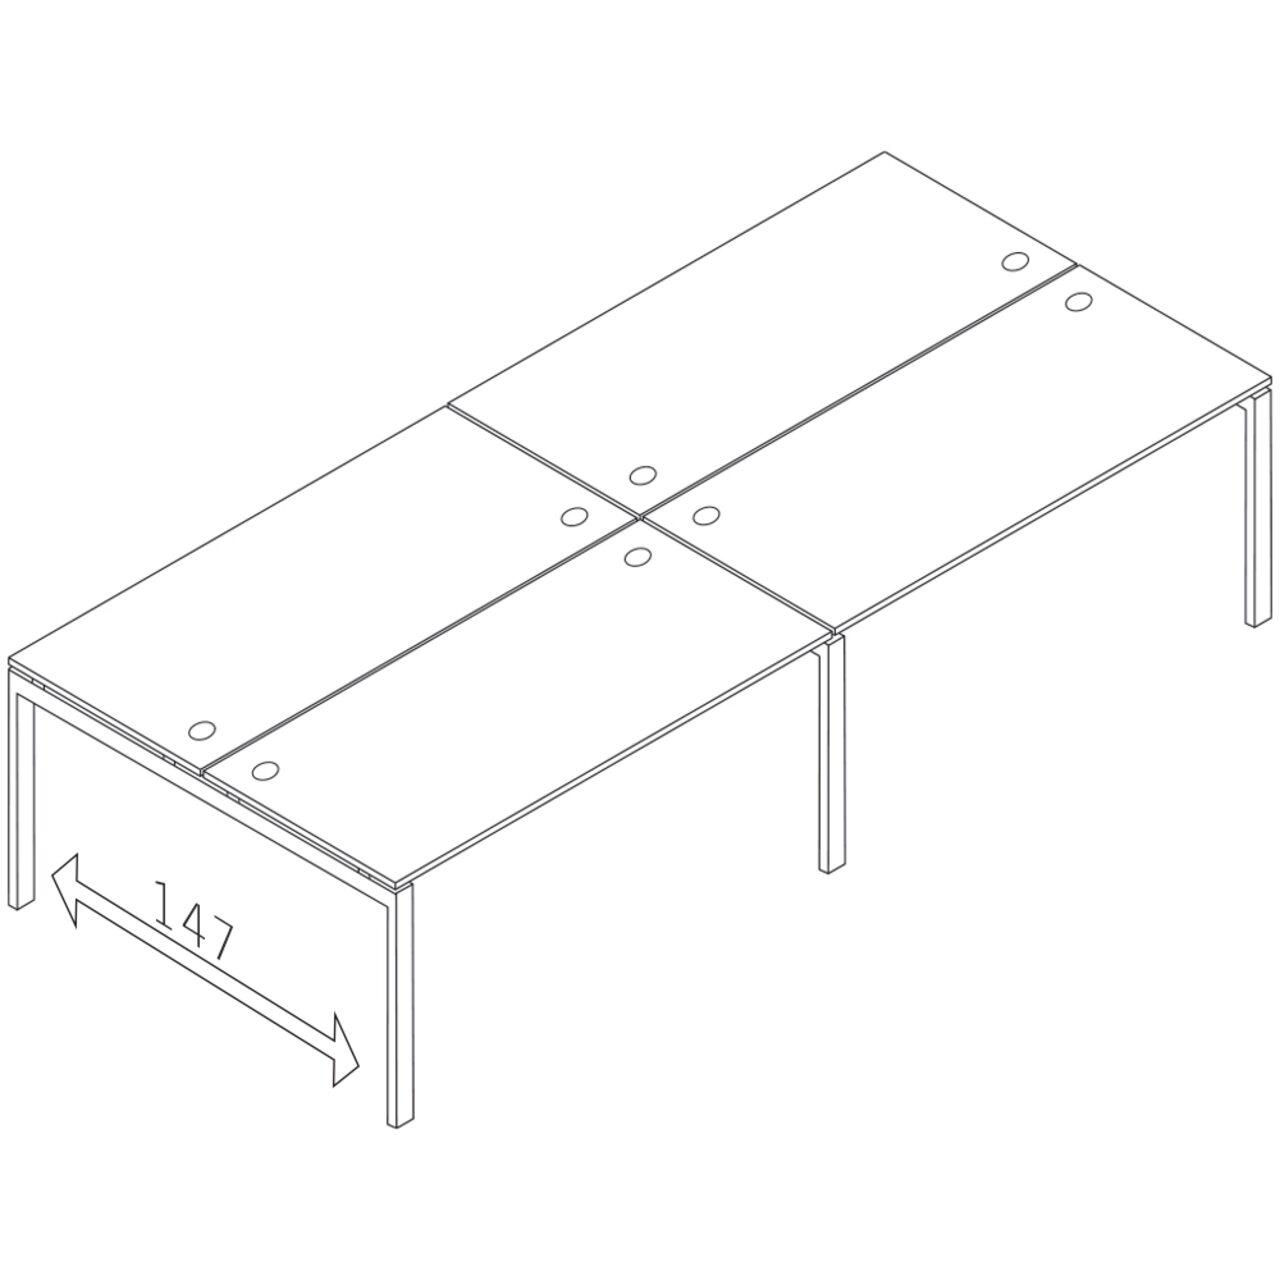 Бенч-система на 4 места  TREND 240x148x75 - фото 1